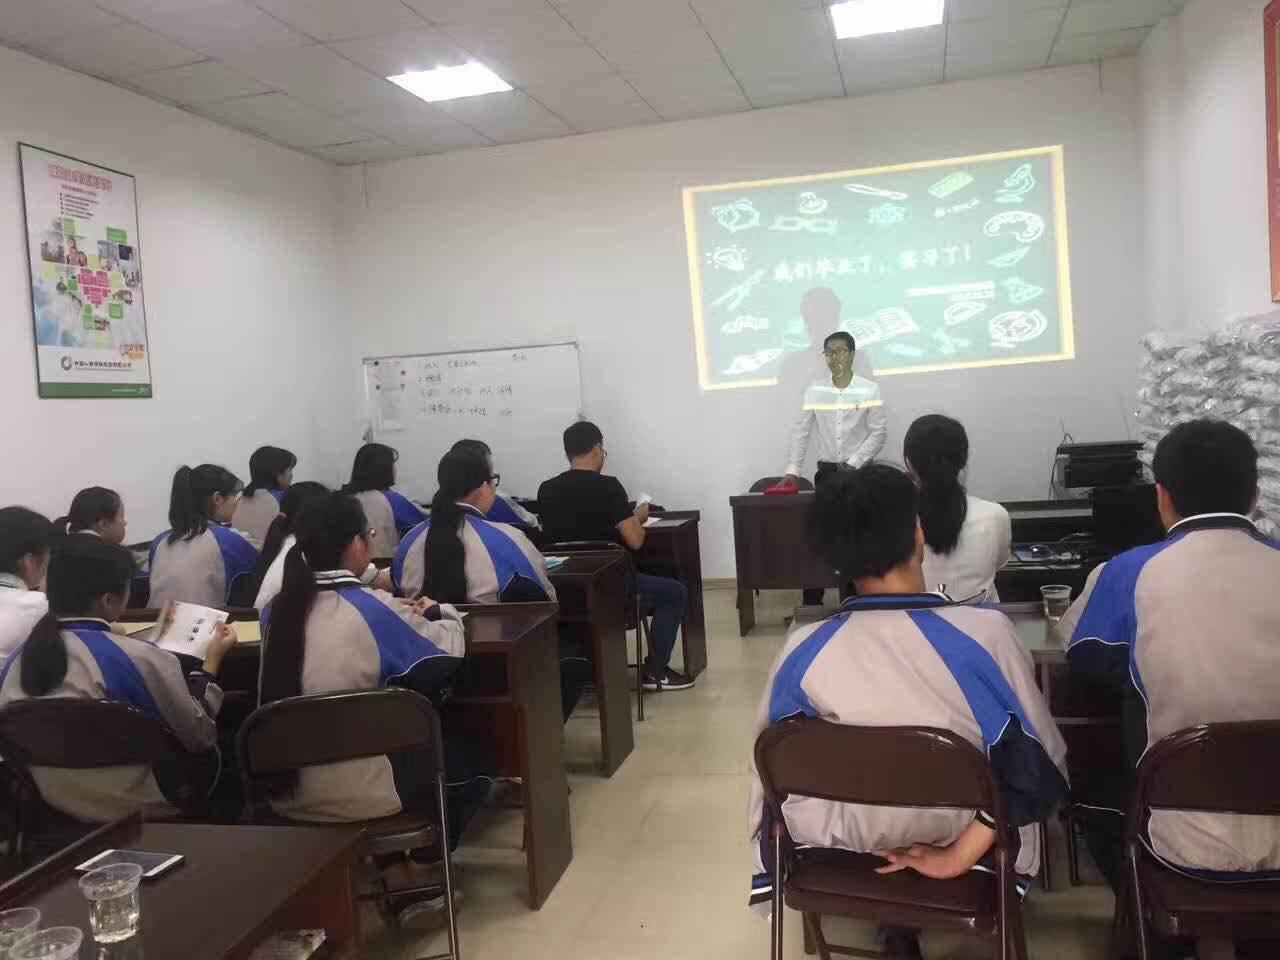 玉环高中及以上学历的人注意!好消息来了,错过濮阳市普通高中师范图片